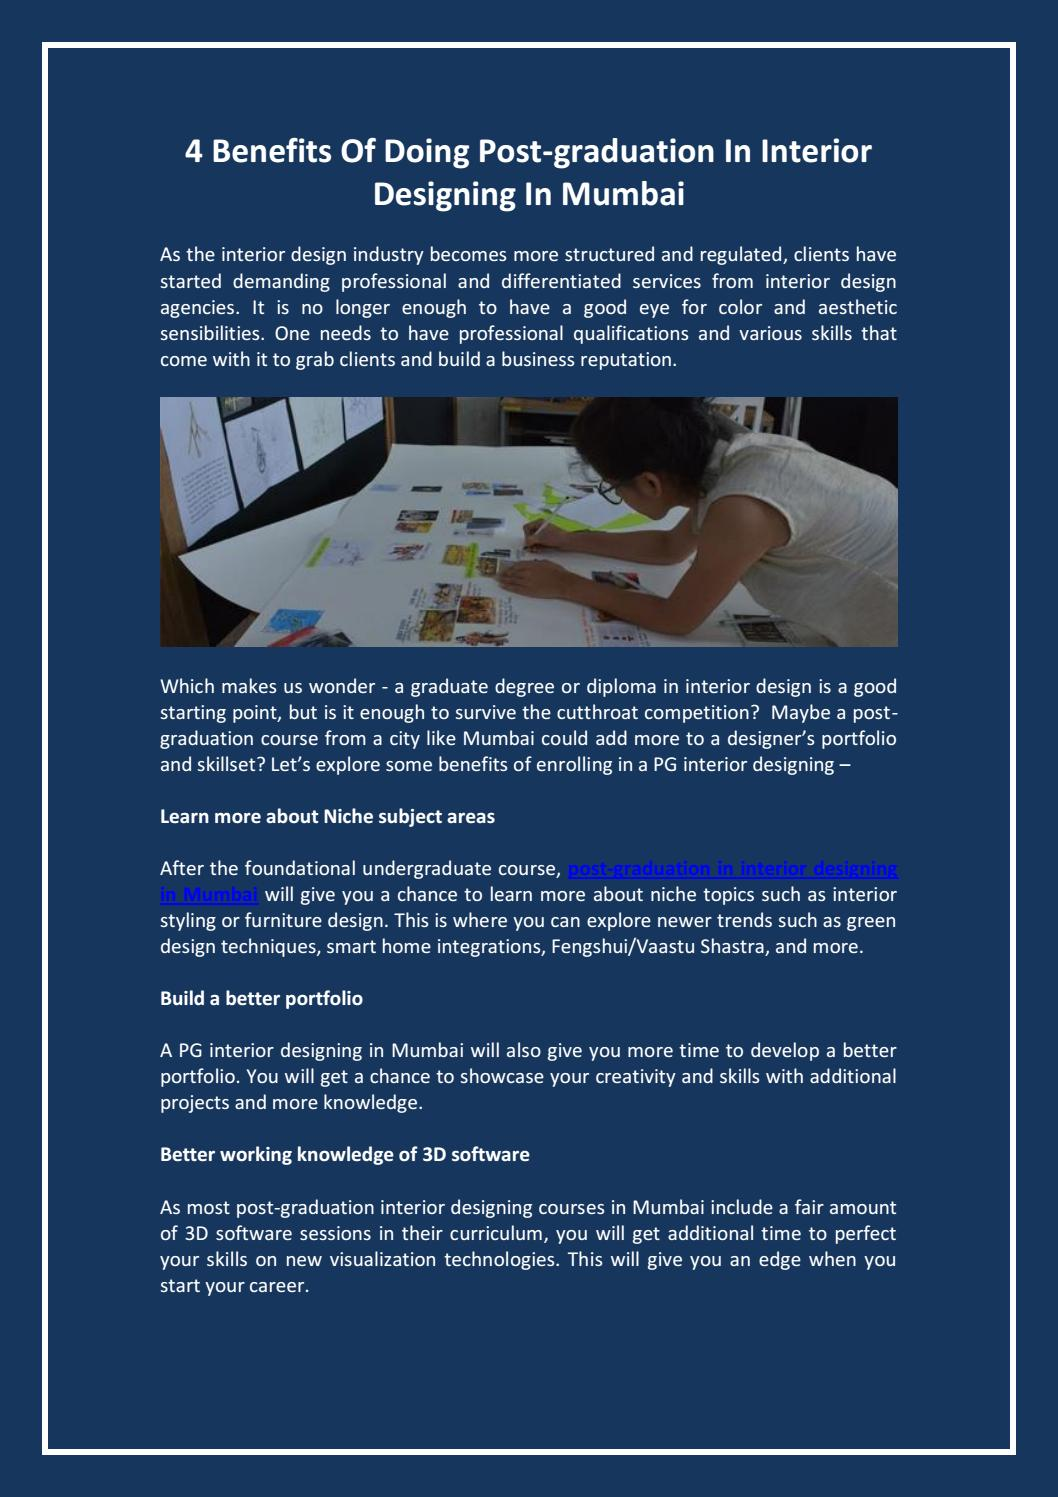 4 Benefits Of Doing Post Graduation In Interior Designing In Mumbai By Geshu Jain Issuu